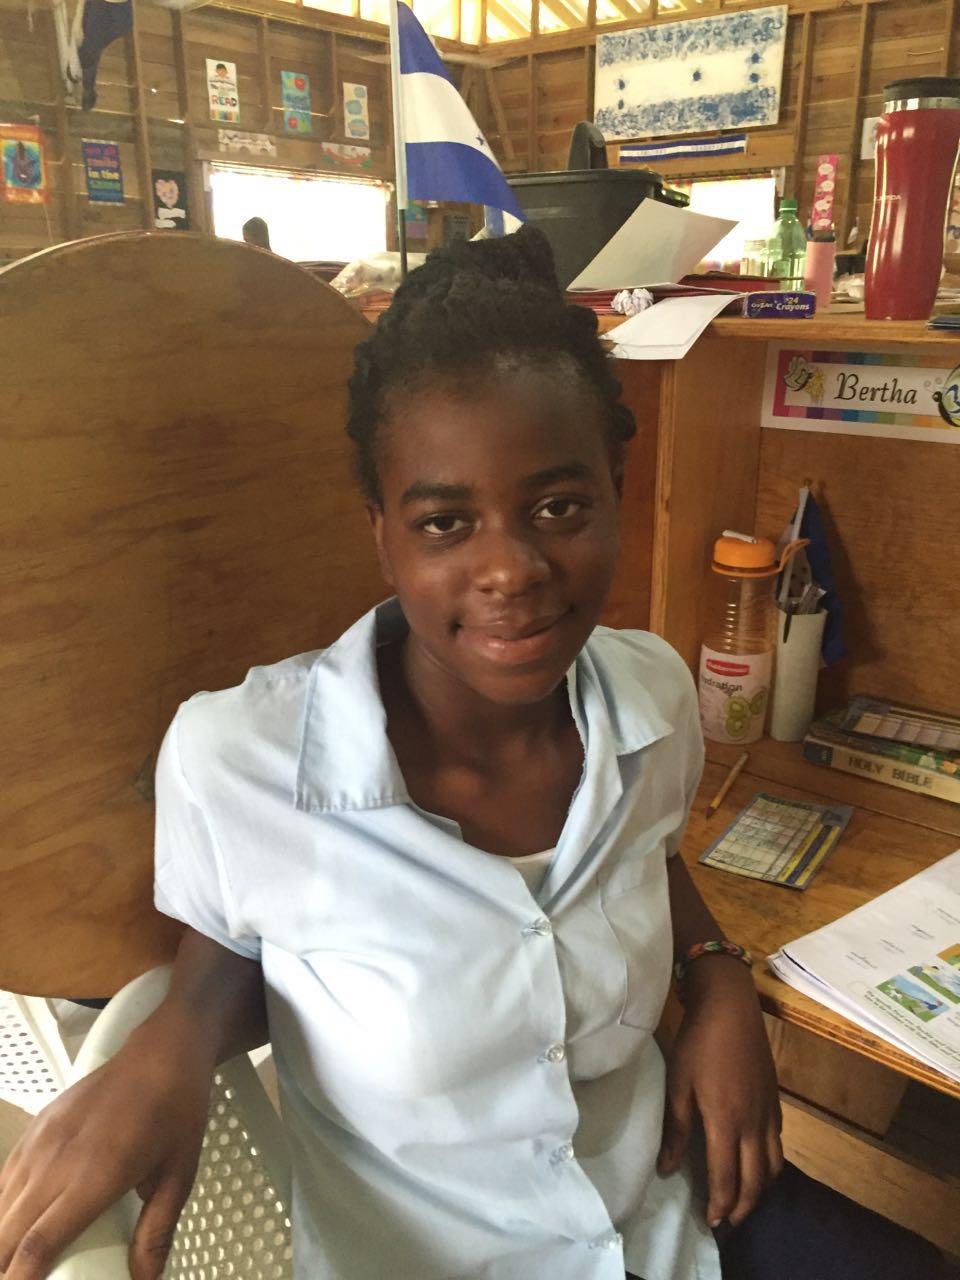 2016-06-10 Bertha Age 13.jpg